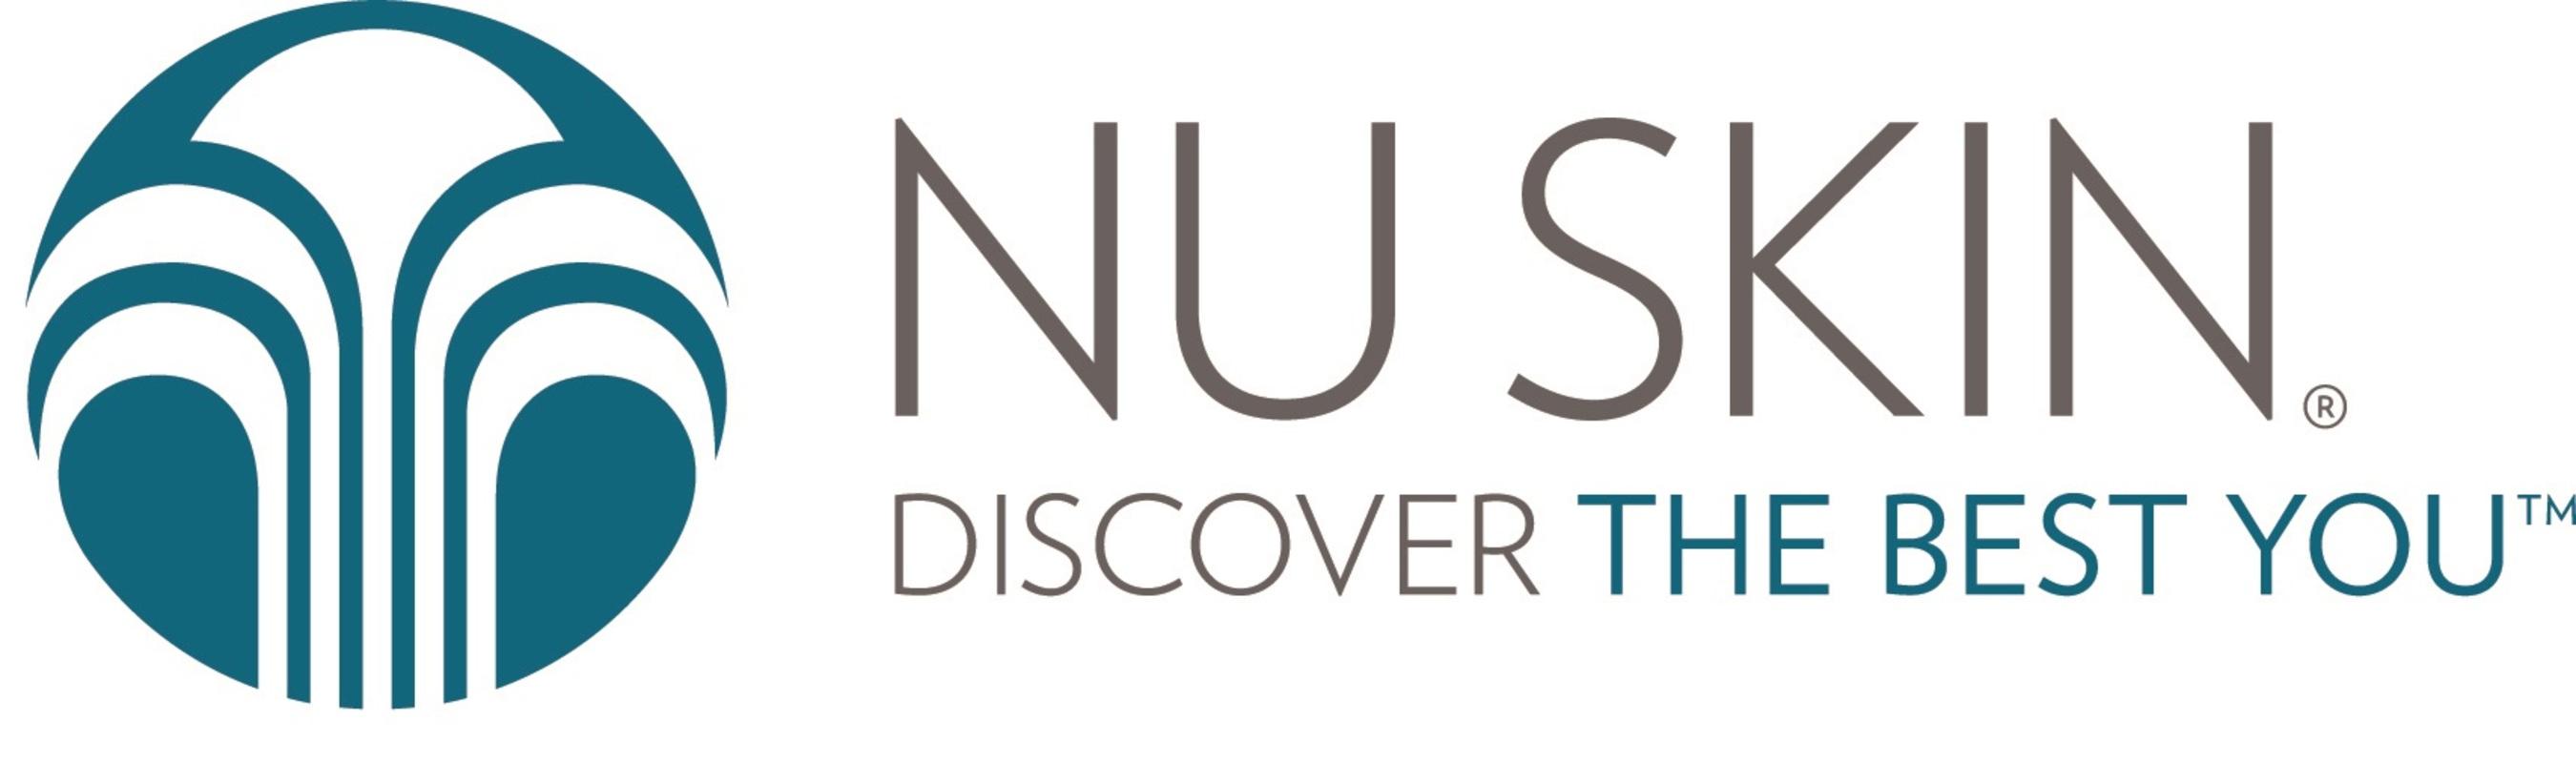 nu skin celebrates global humanitarian efforts with 12th annual rh prnewswire com nu skin login my site' nu skin logo download